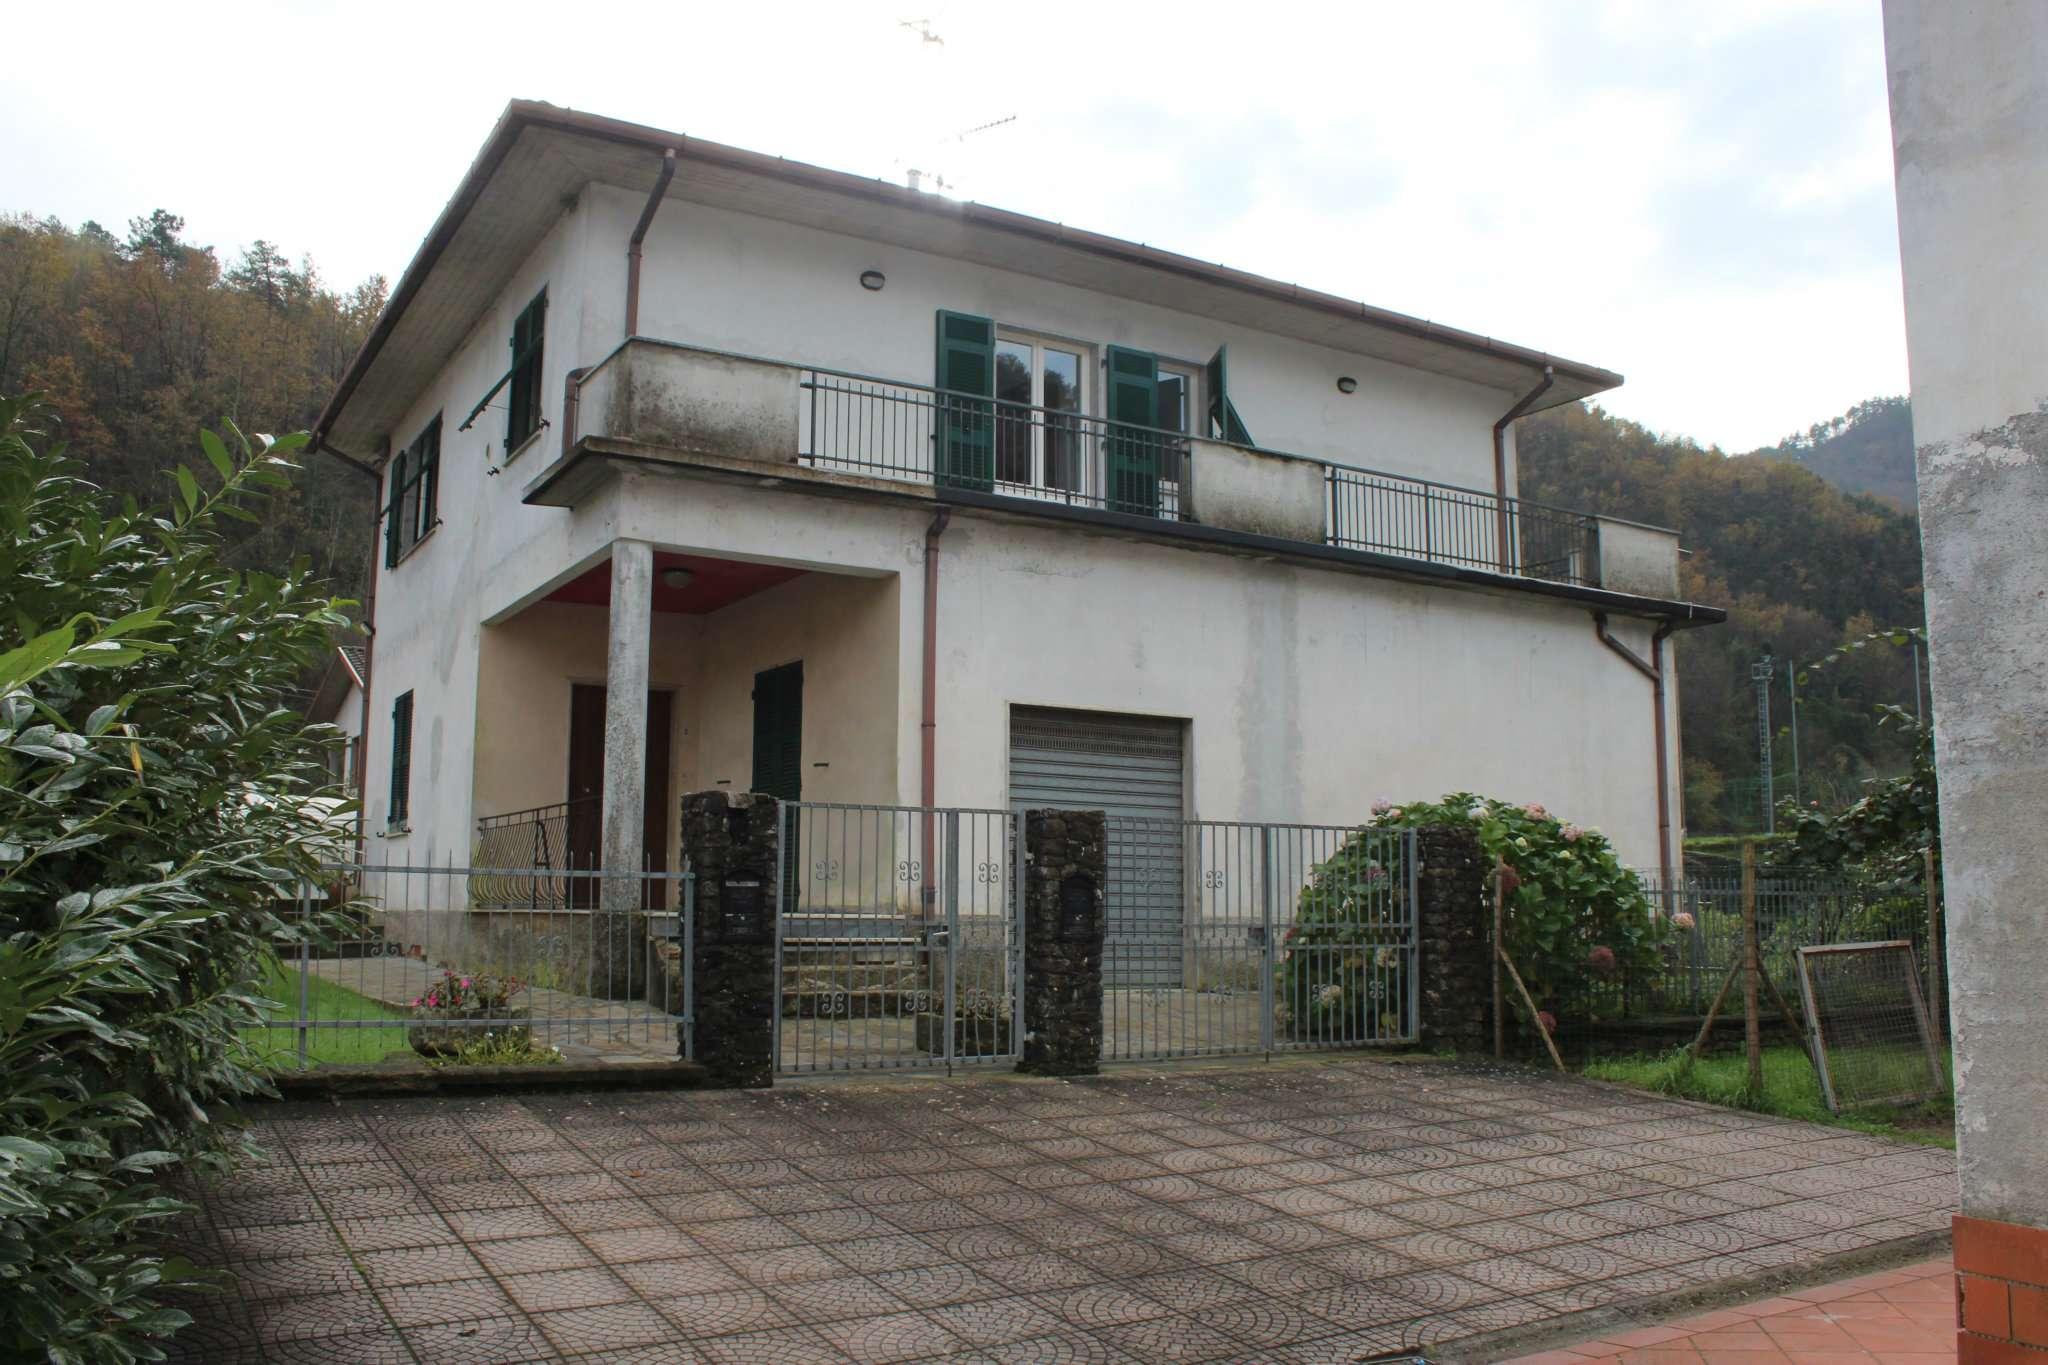 Appartamento in vendita a Pignone, 5 locali, prezzo € 98.000 | CambioCasa.it